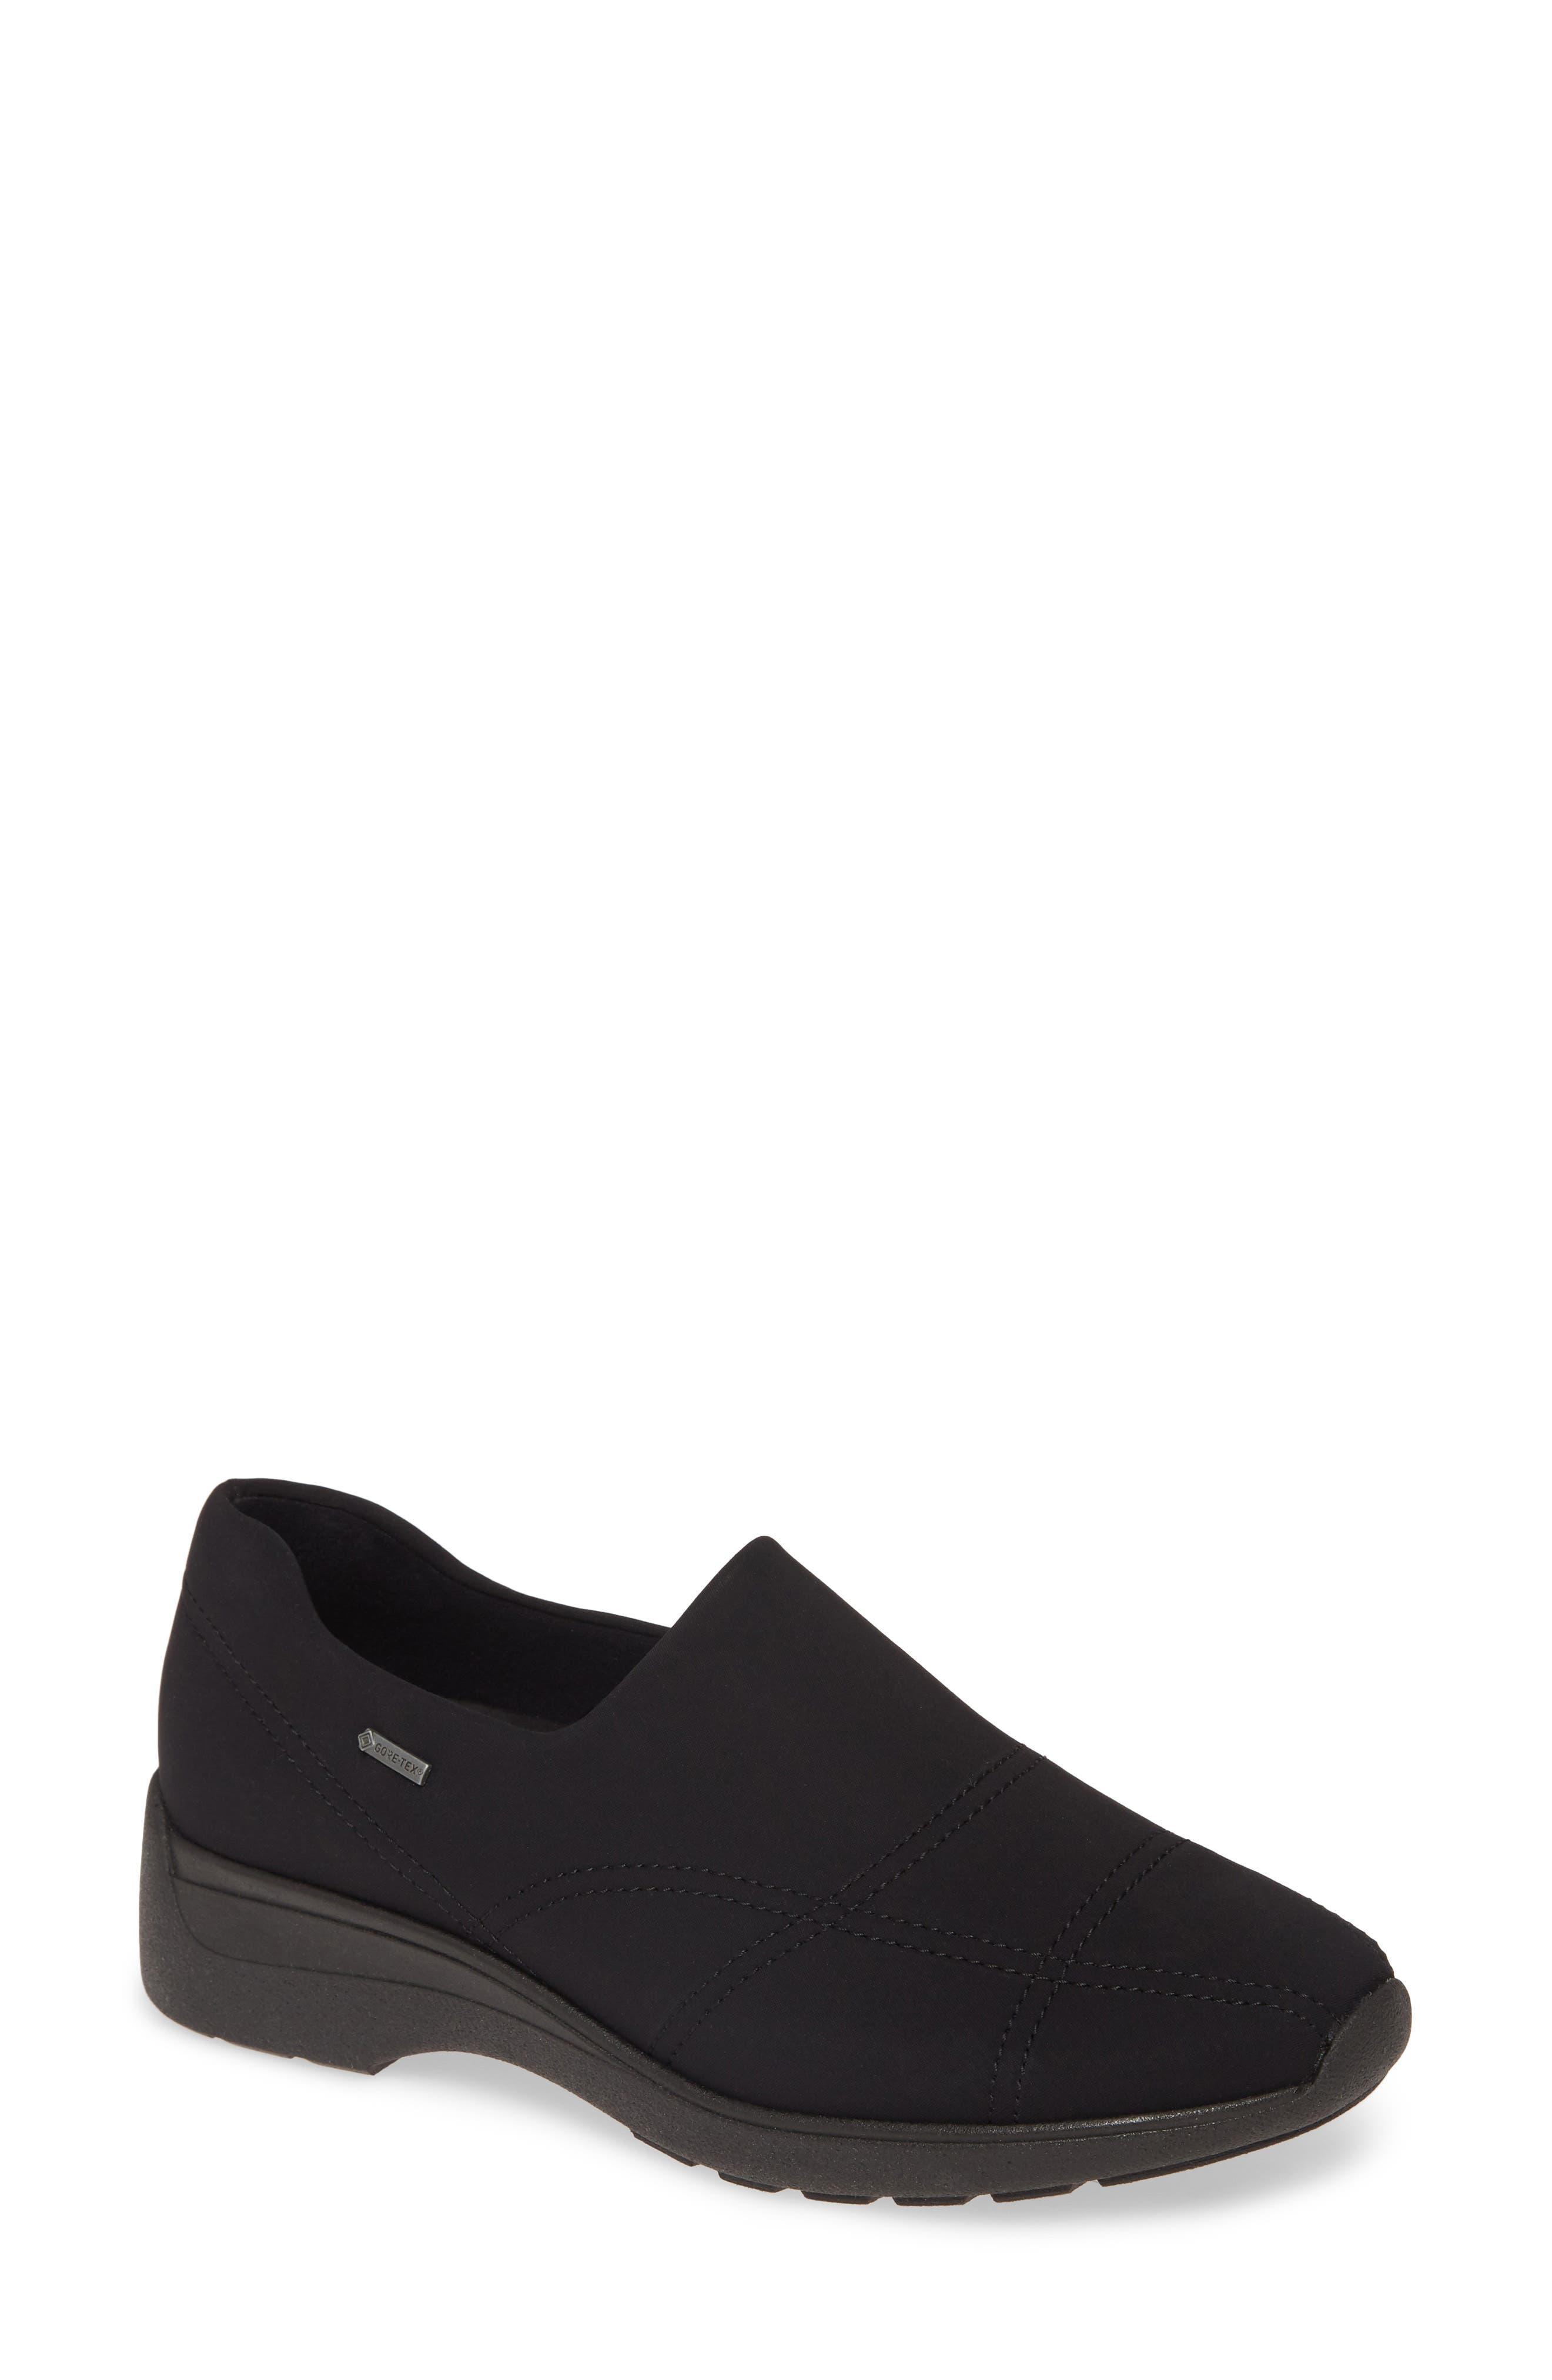 Prue Gore-Tex Waterproof Slip-On Sneaker